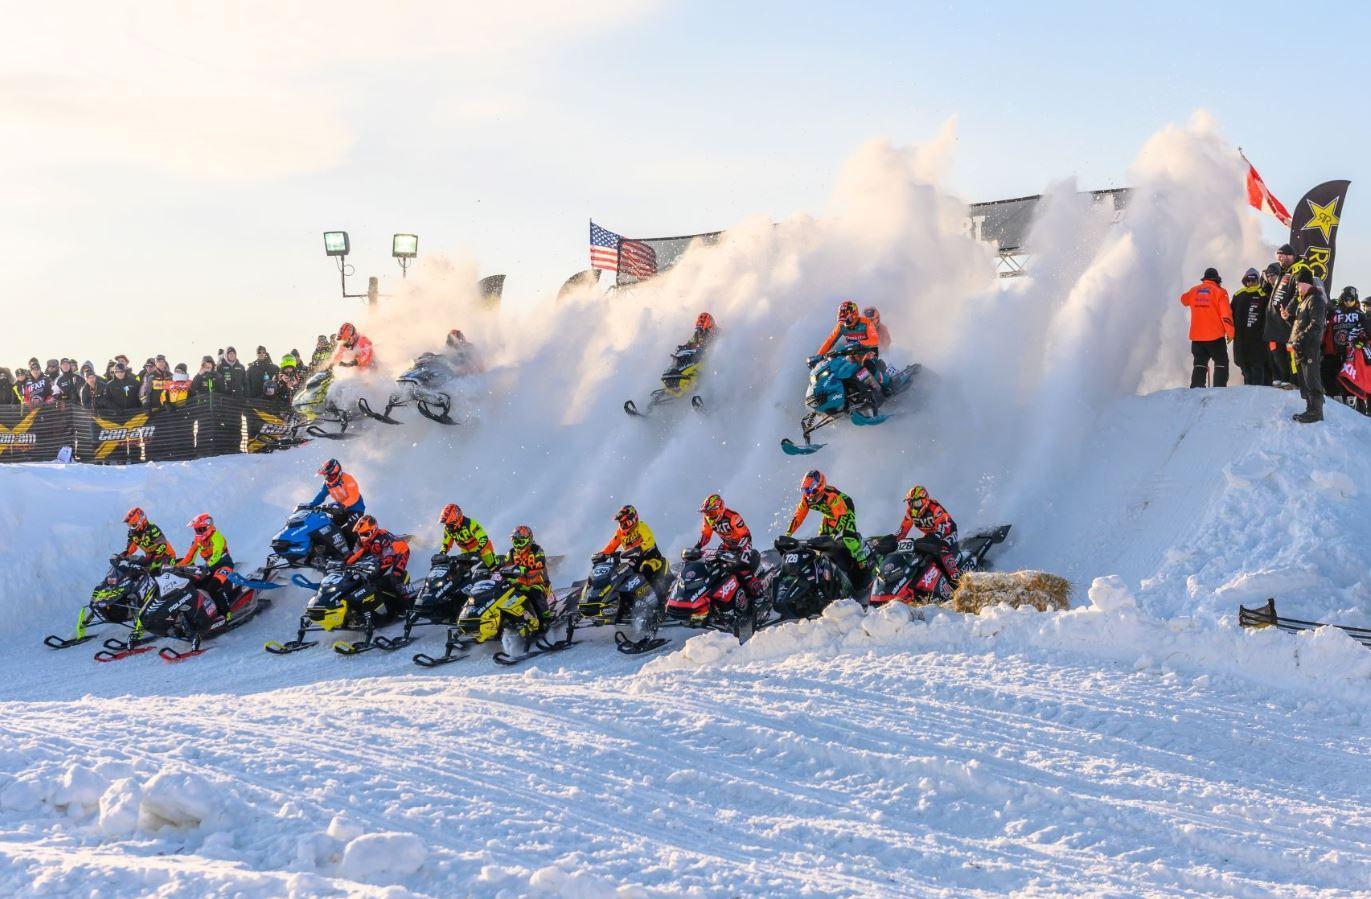 Le Grand Prix Ski-Doo de Valcourt en route vers sa 39e édition les 12